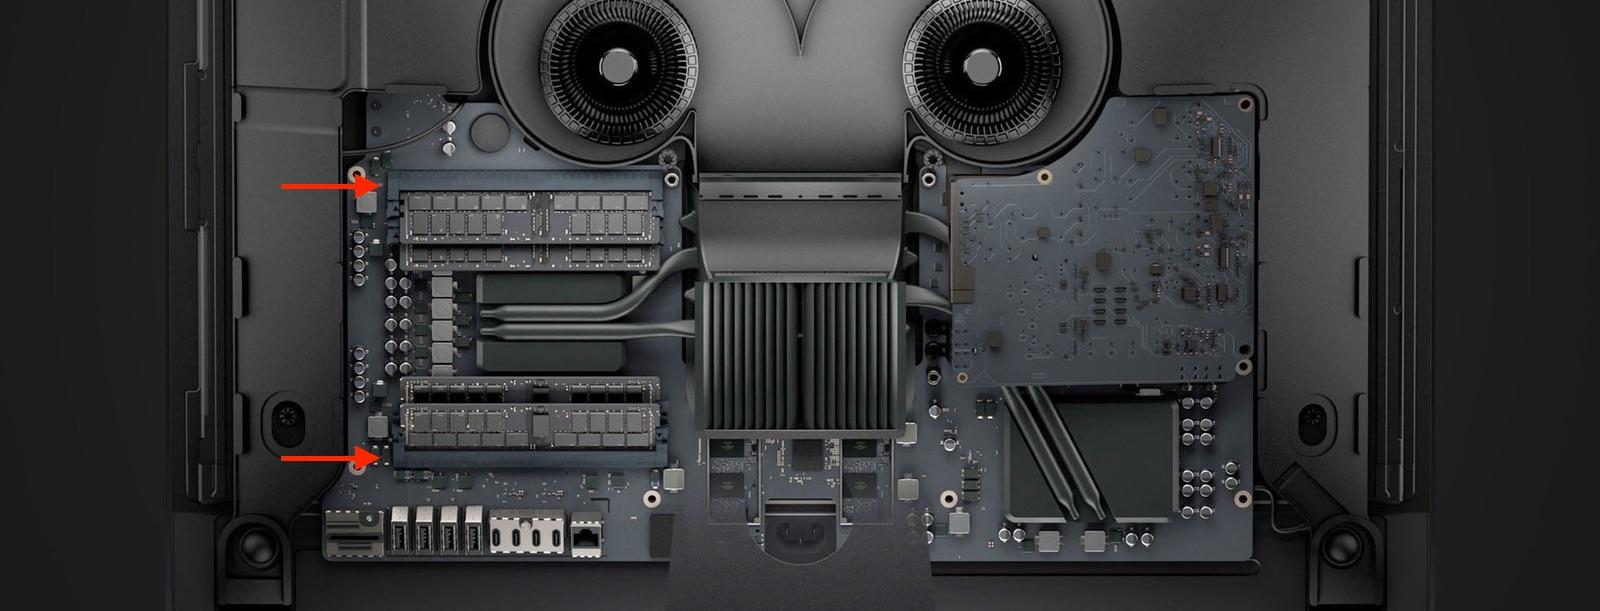 iMac Proのメモリモジュール位置